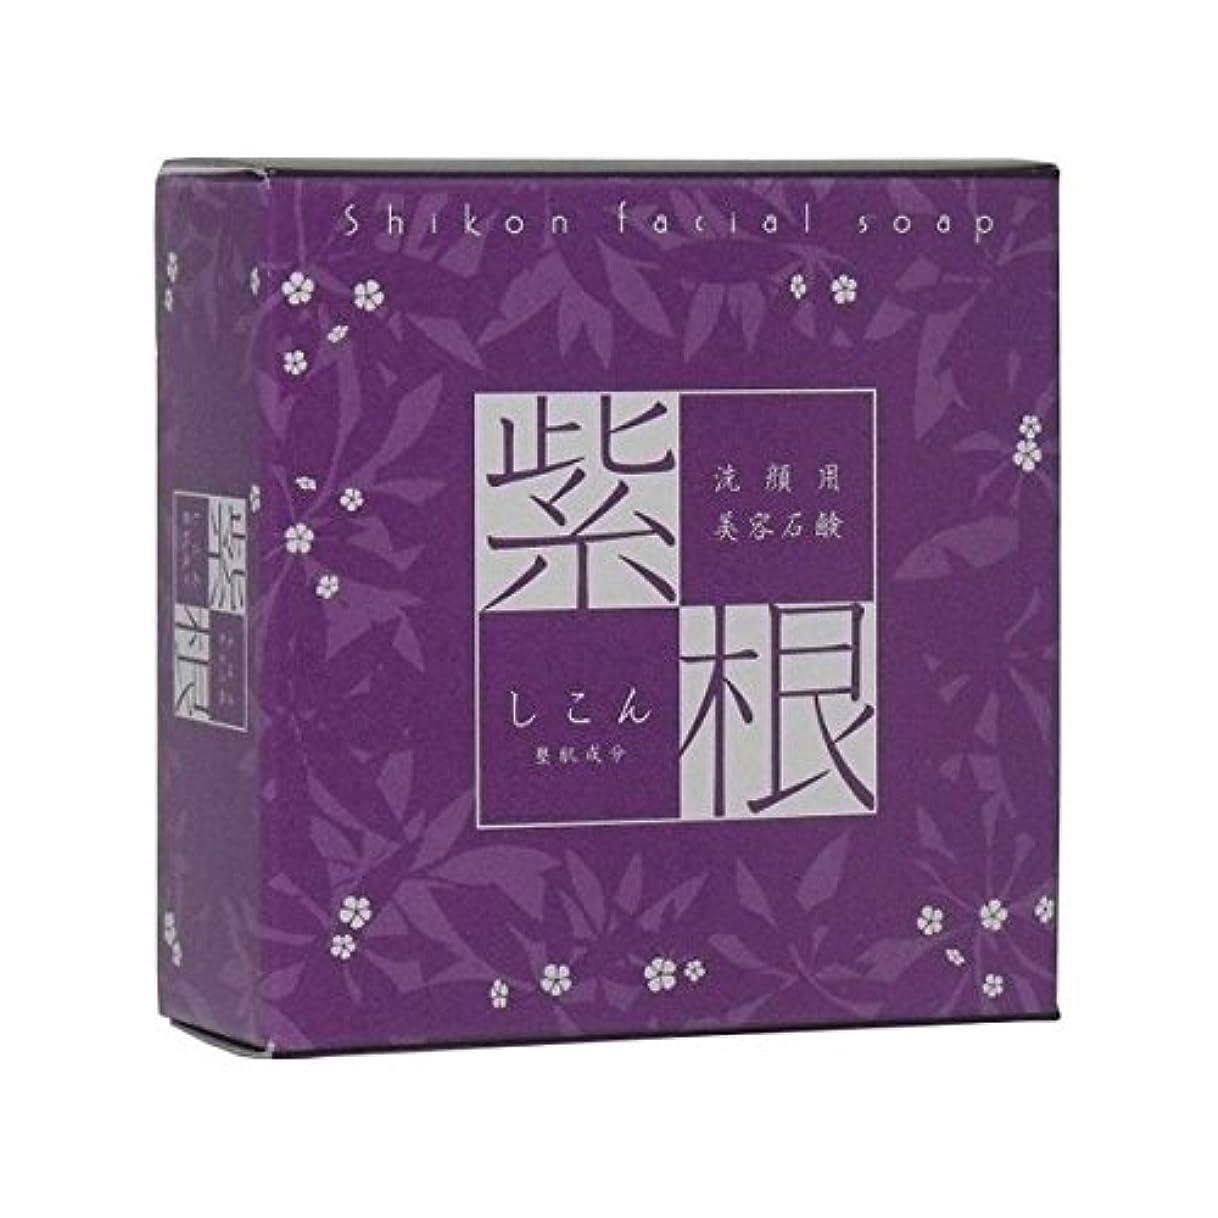 動縞模様の収束する紫根石鹸110g(オリジナル泡立てネット付き)3個セット【魔女たちの22時で話題!】